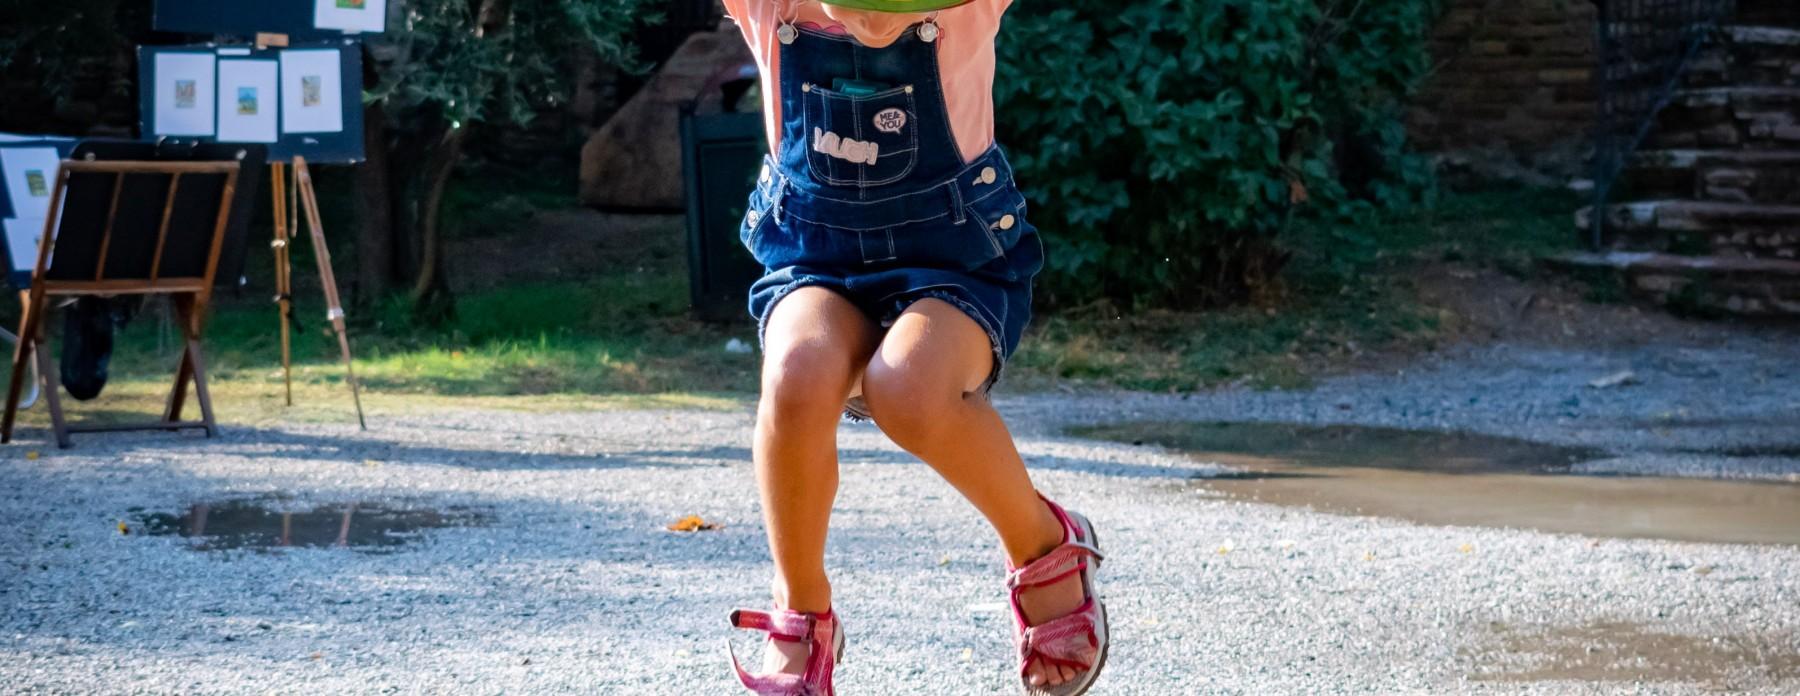 Krótkie spodenki i ogrodniczki - letnie spodnie dla dziecka